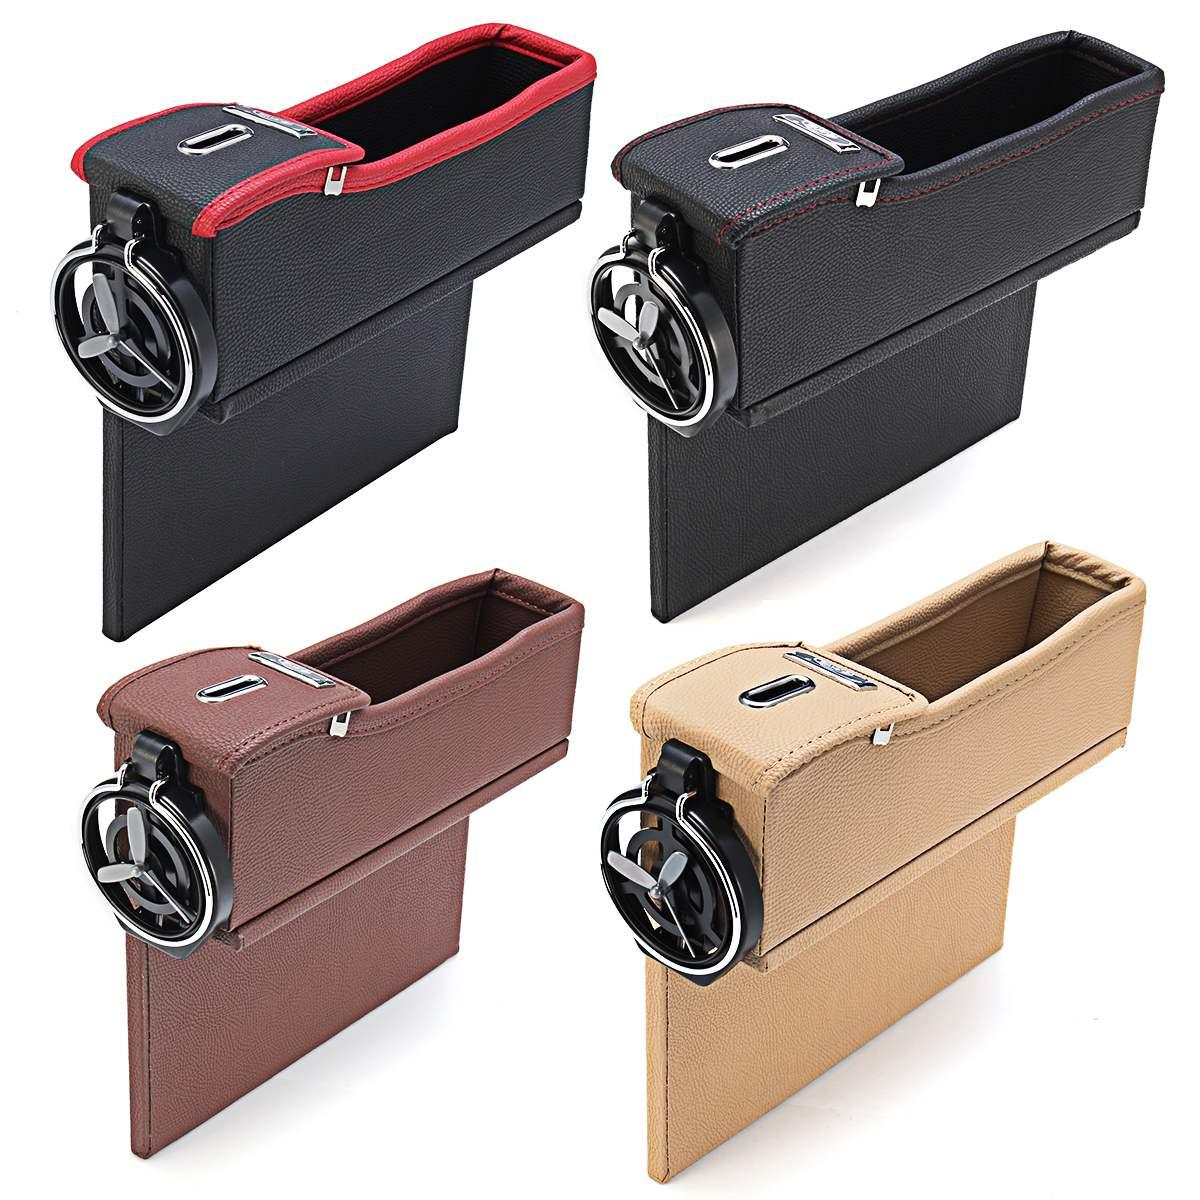 Siège de voiture Crevasse Gauche/Côté Droit Multifonction Seat Gap Catcher Numismate Tasse Titulaire Boîte De Rangement Organizer LHD RHD